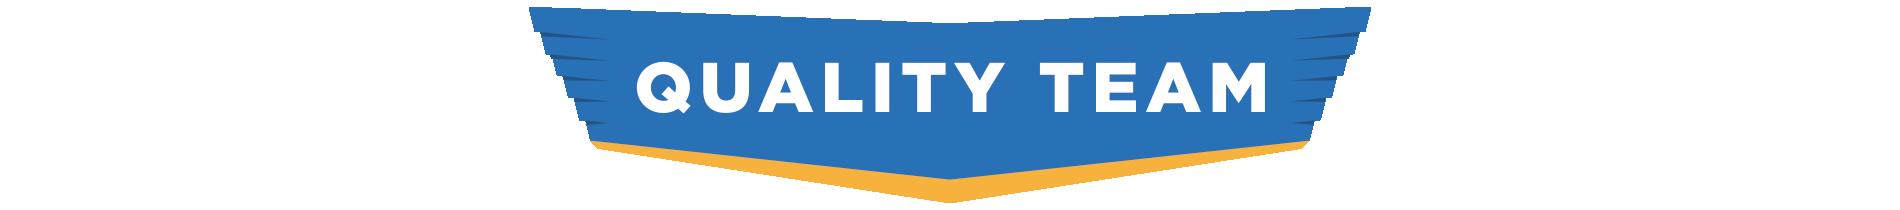 Quality team logo